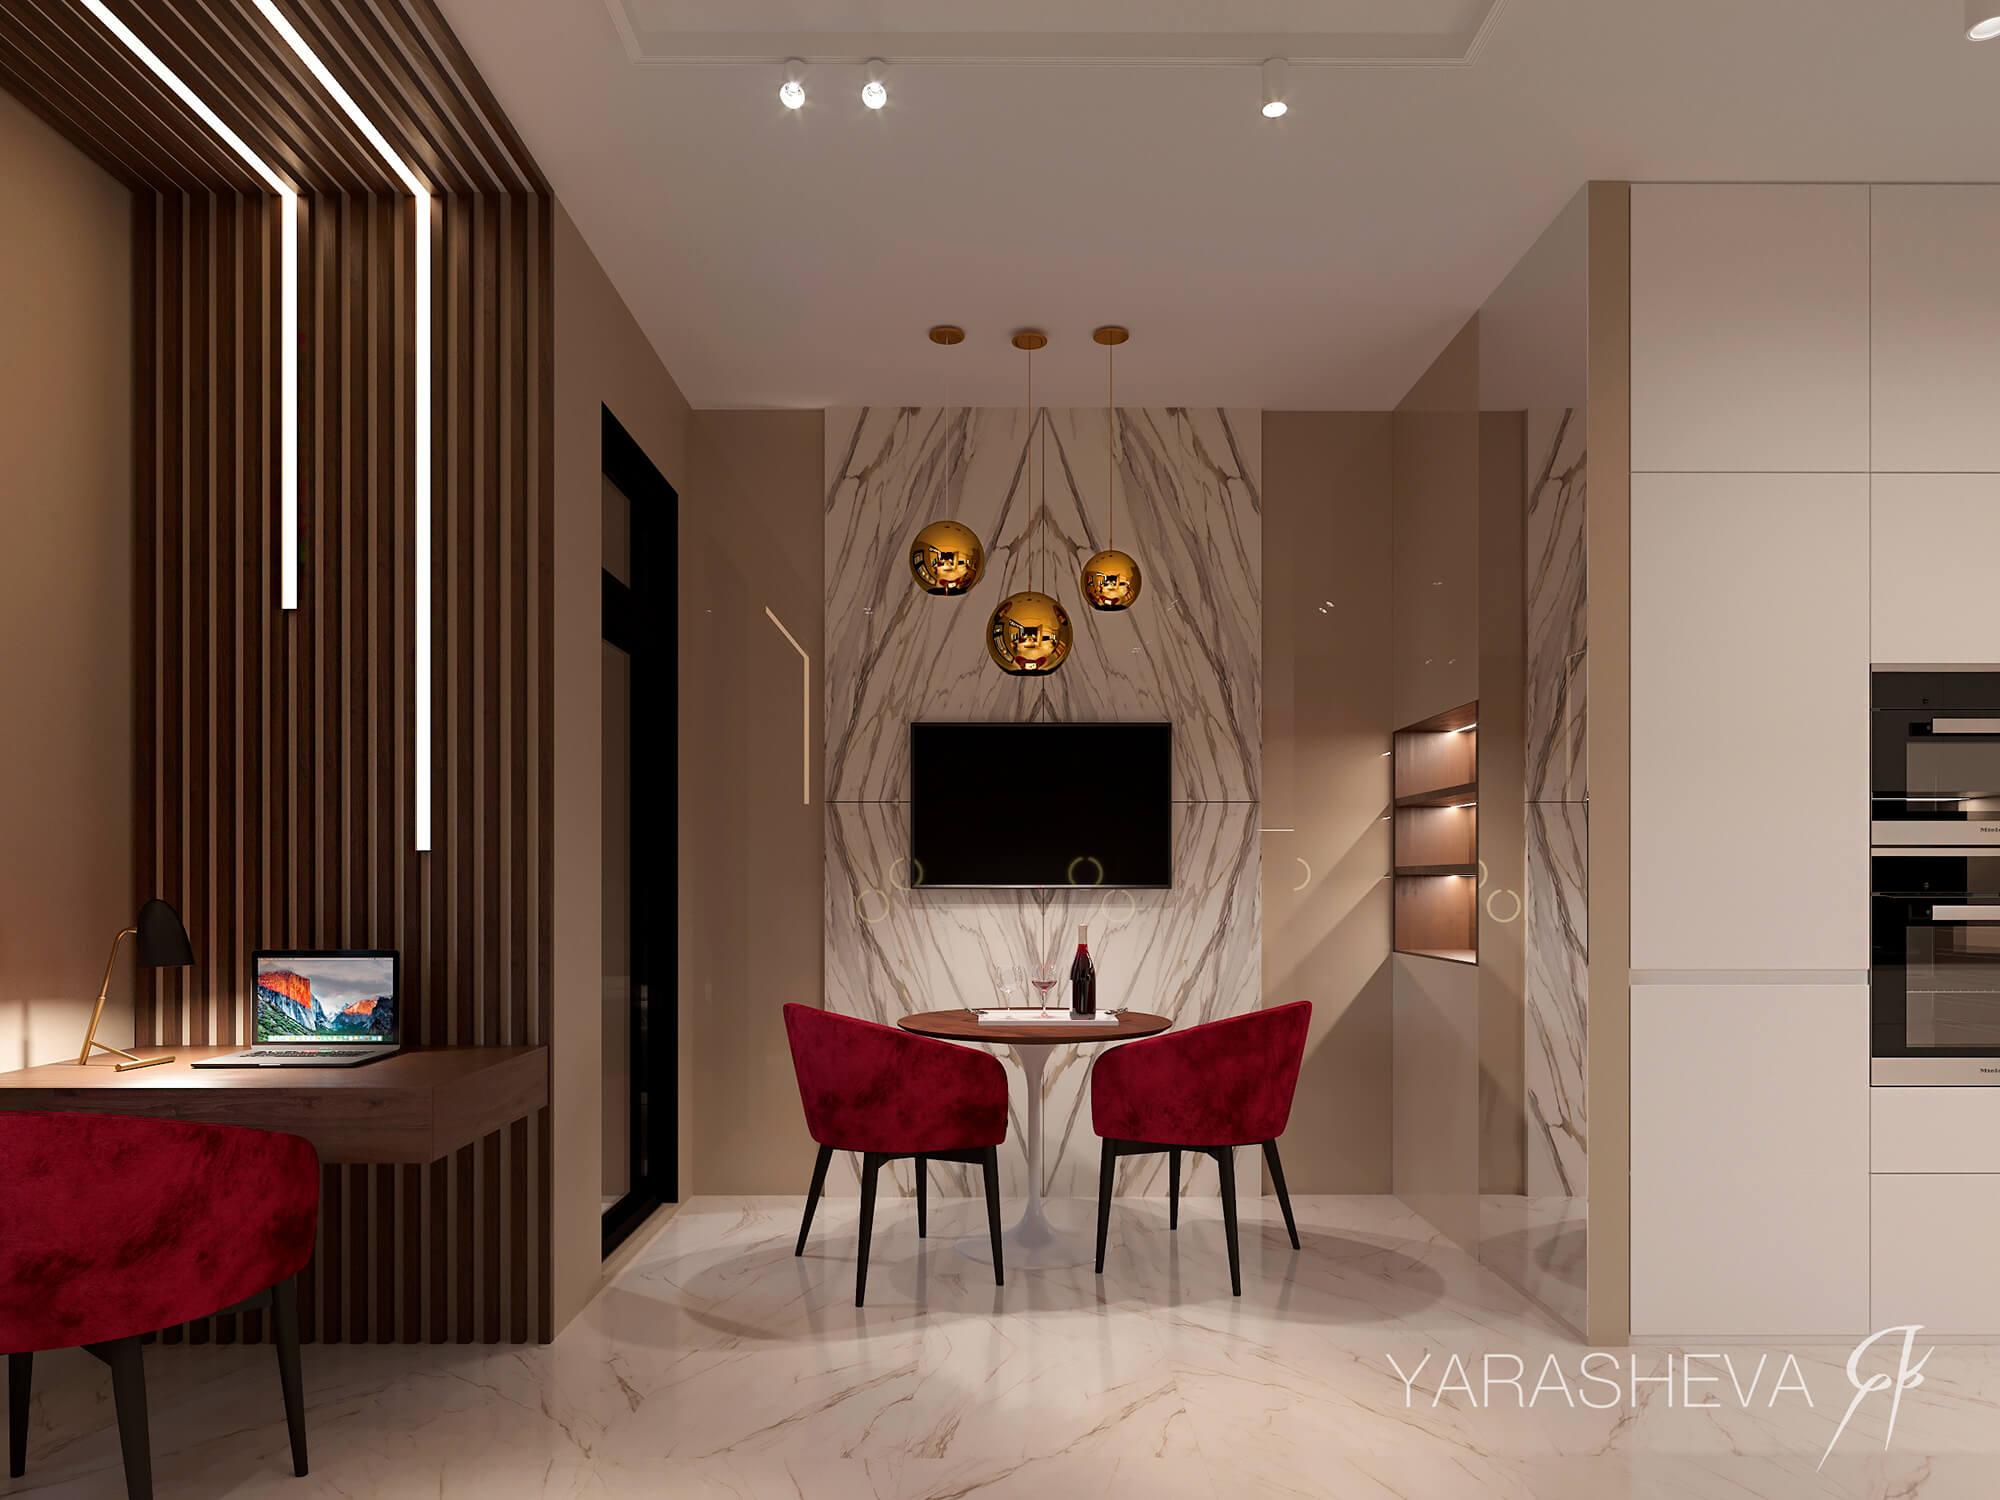 дизайн интерьера в ЖК Царская площадь